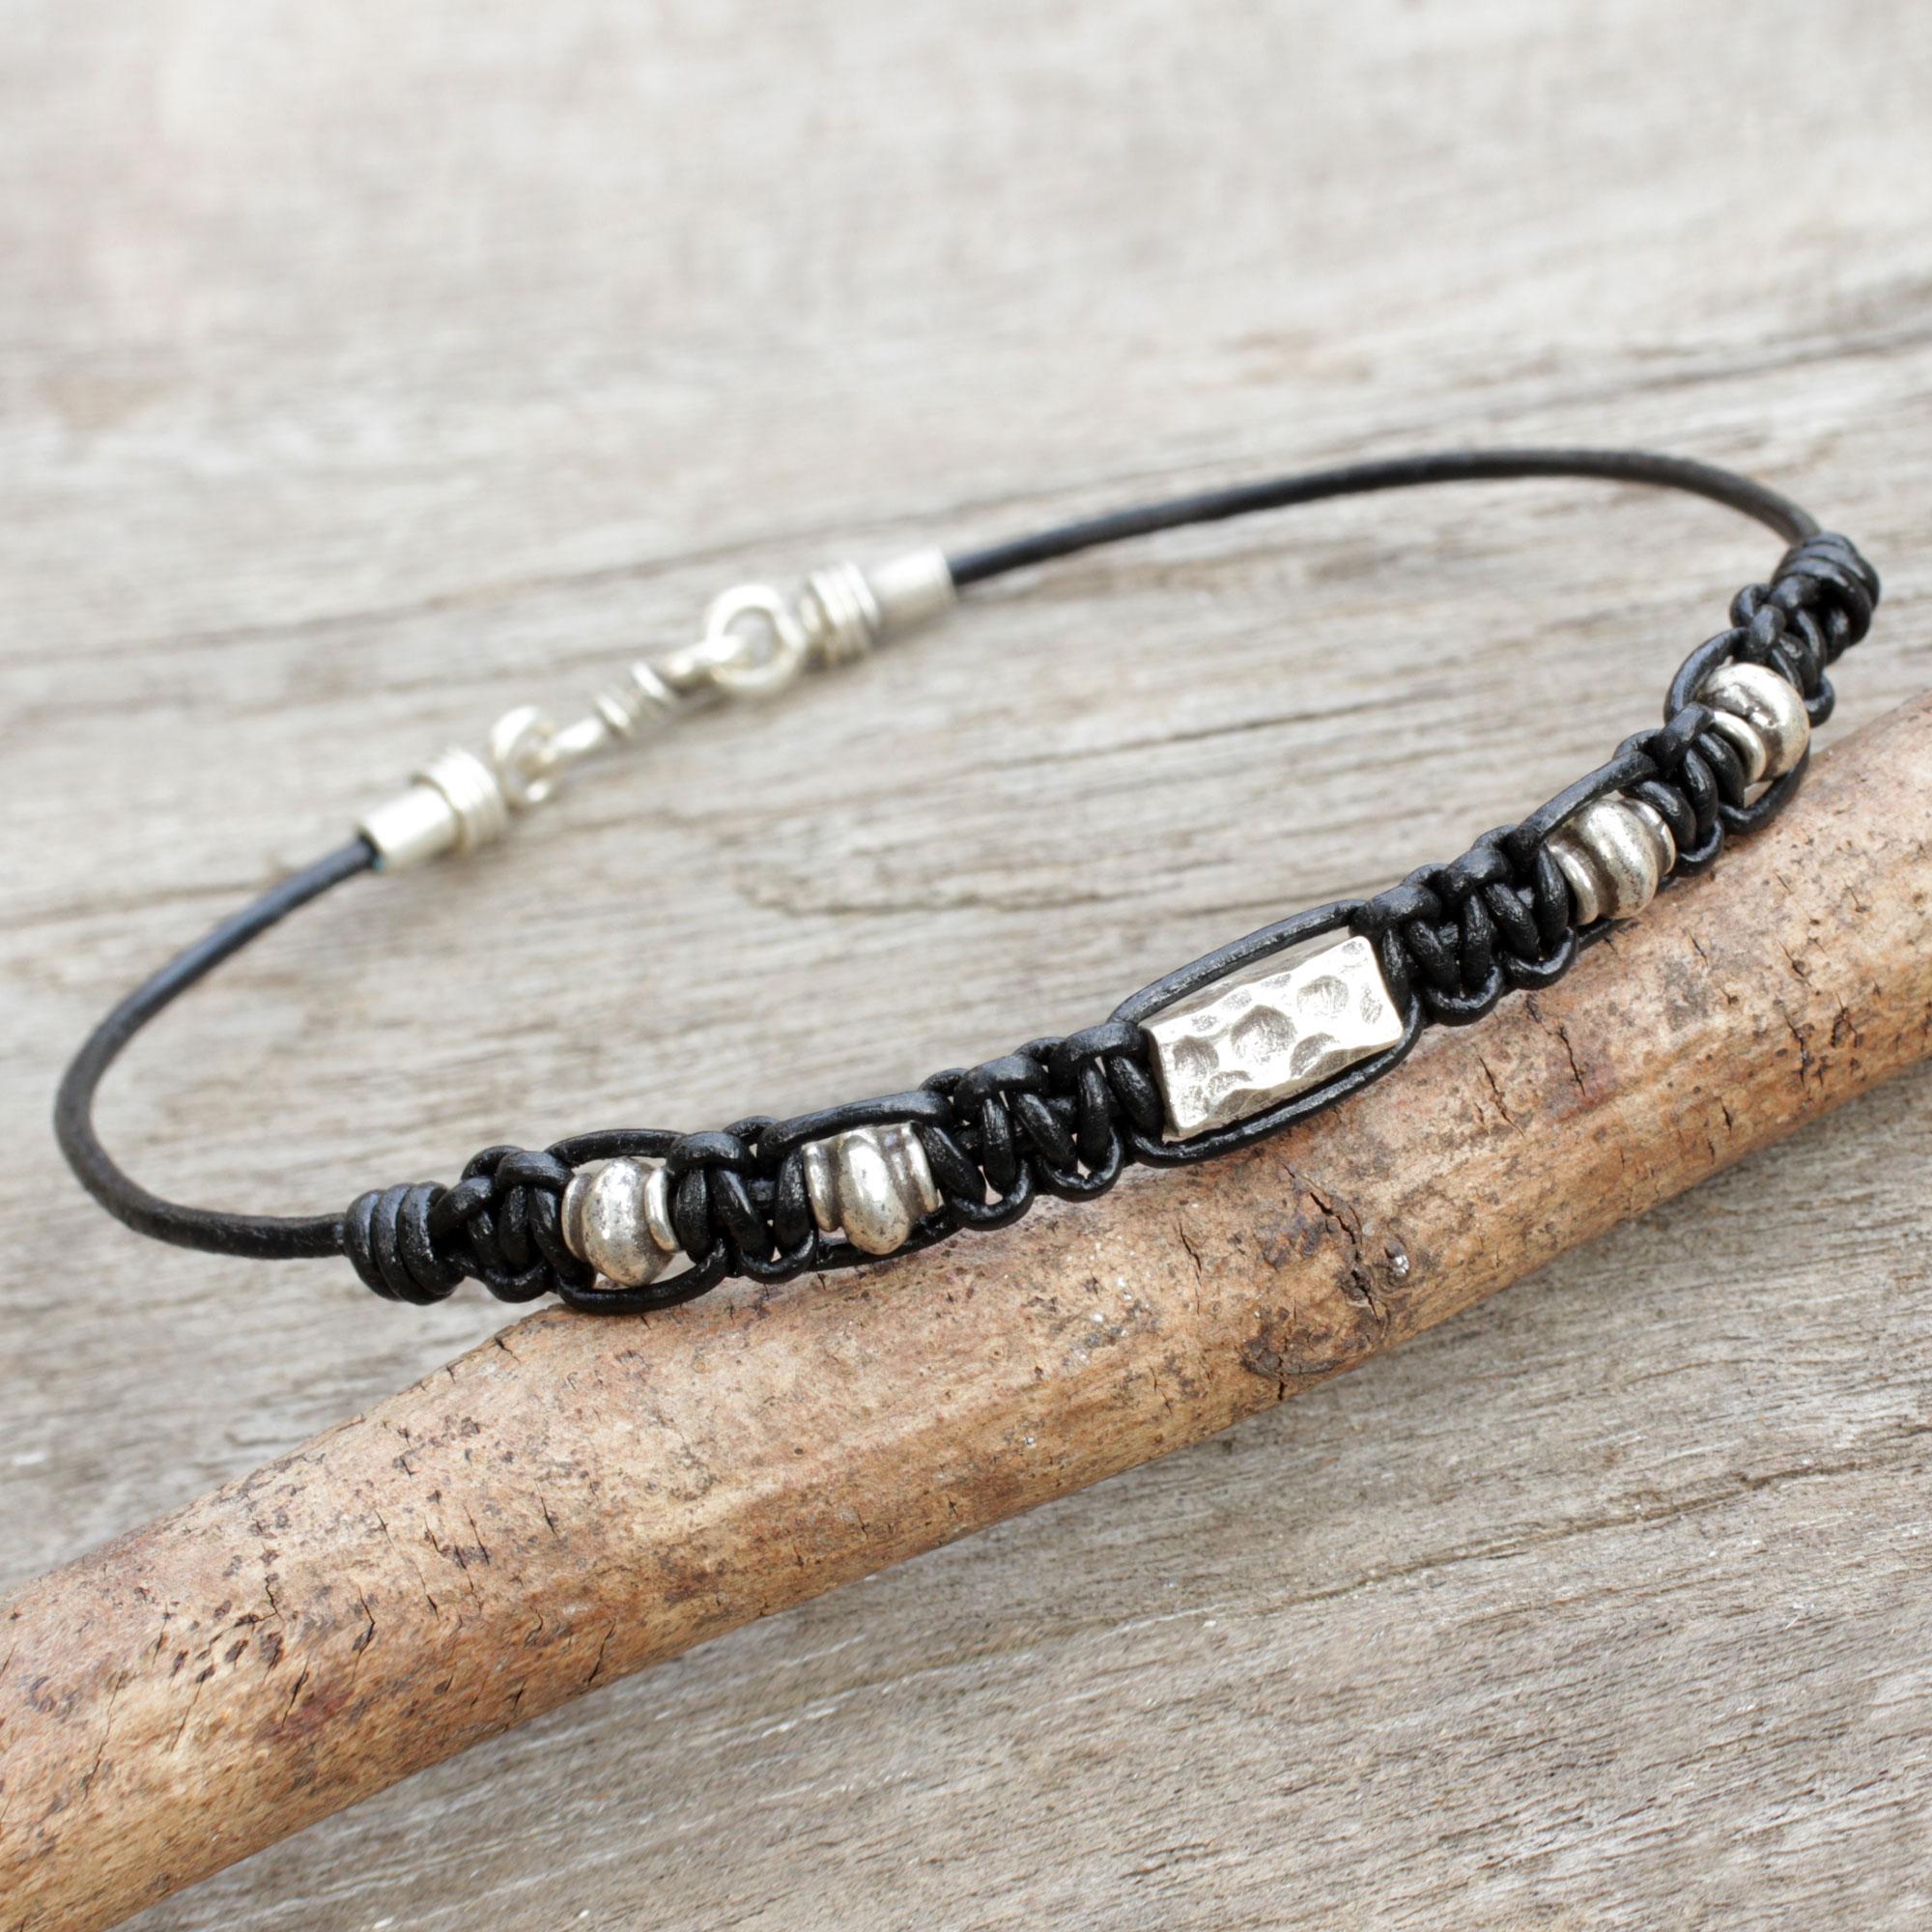 Hill Tribe Silver Bracelet In Macrame Black Leather For Men  Brave In  Black  Novica